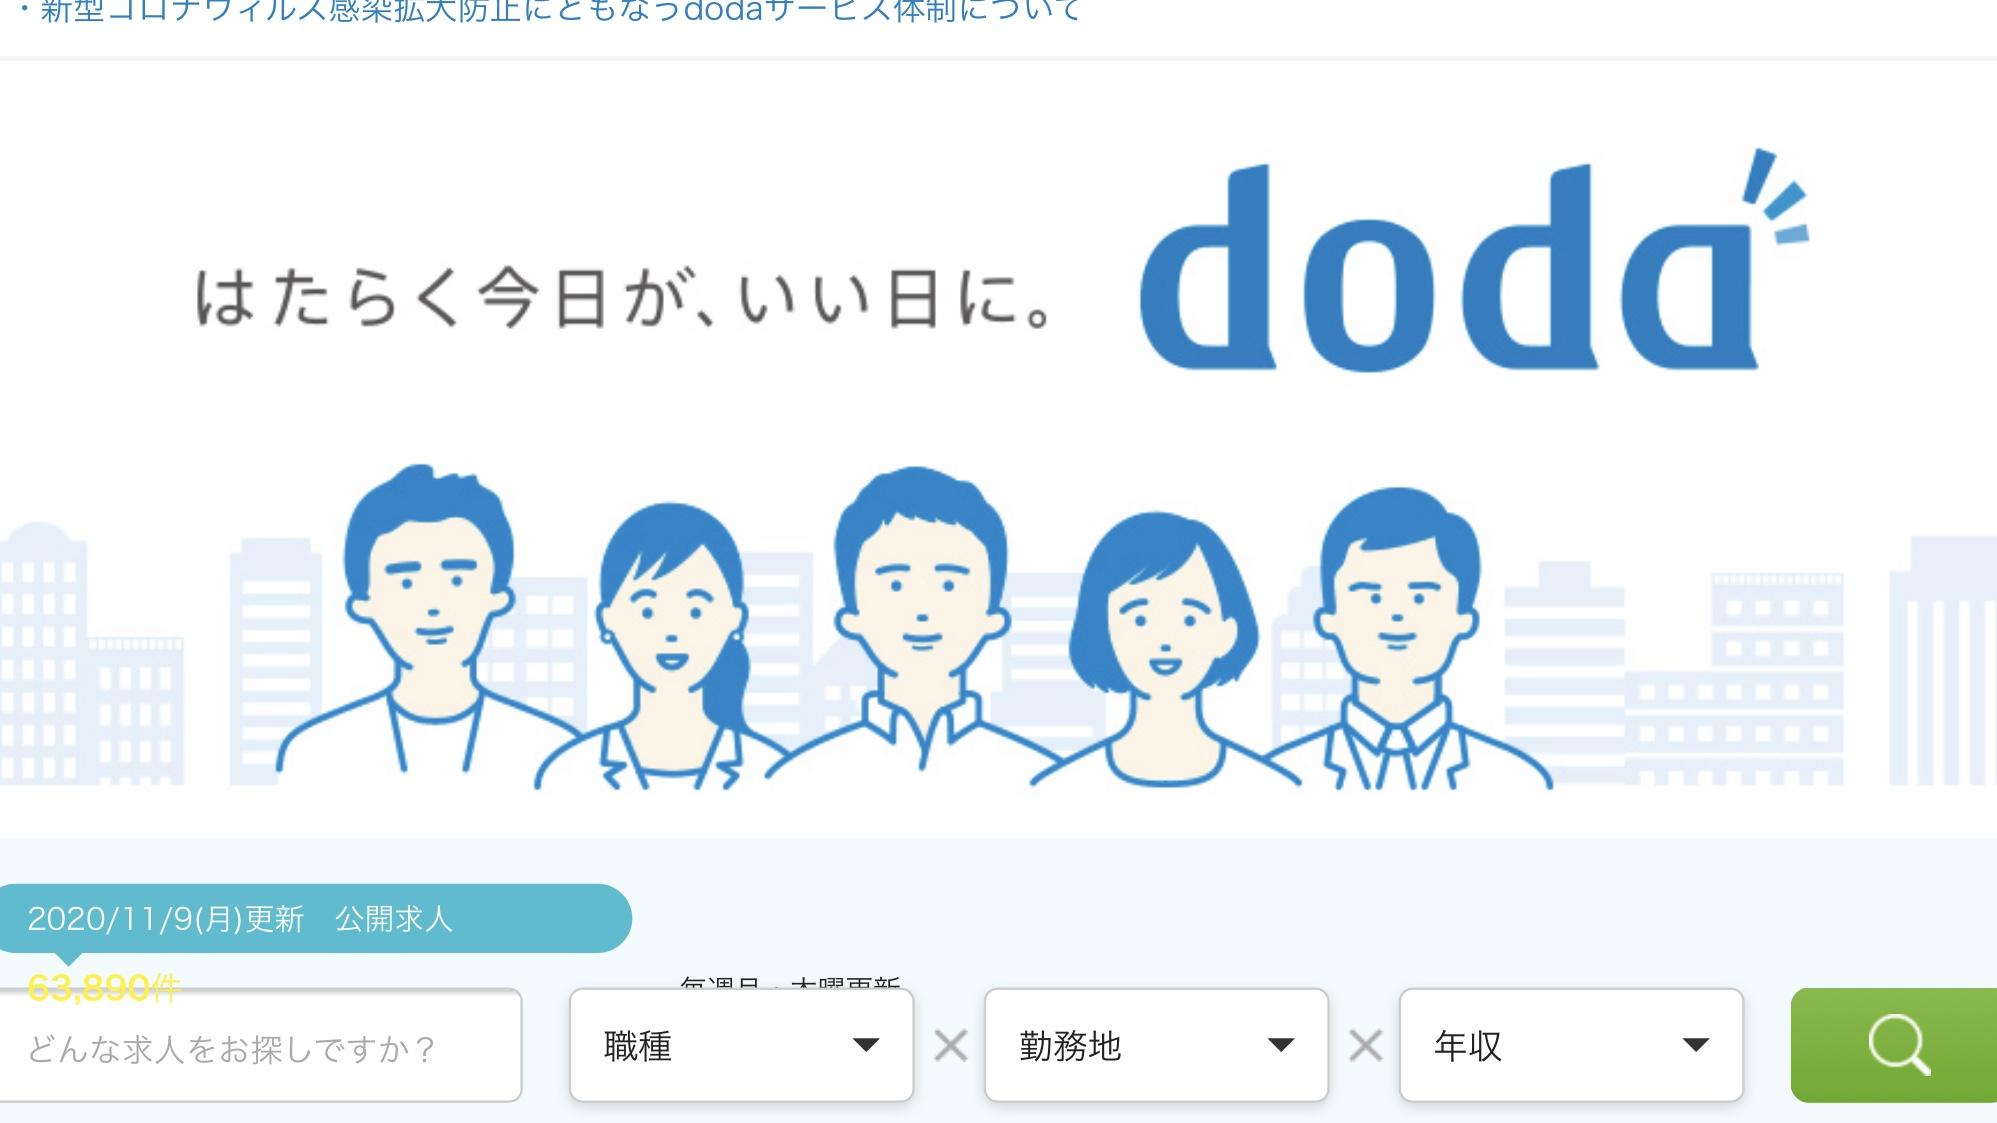 【画像で解説】新卒1年目が「doda」に登録してみた【電話あり】